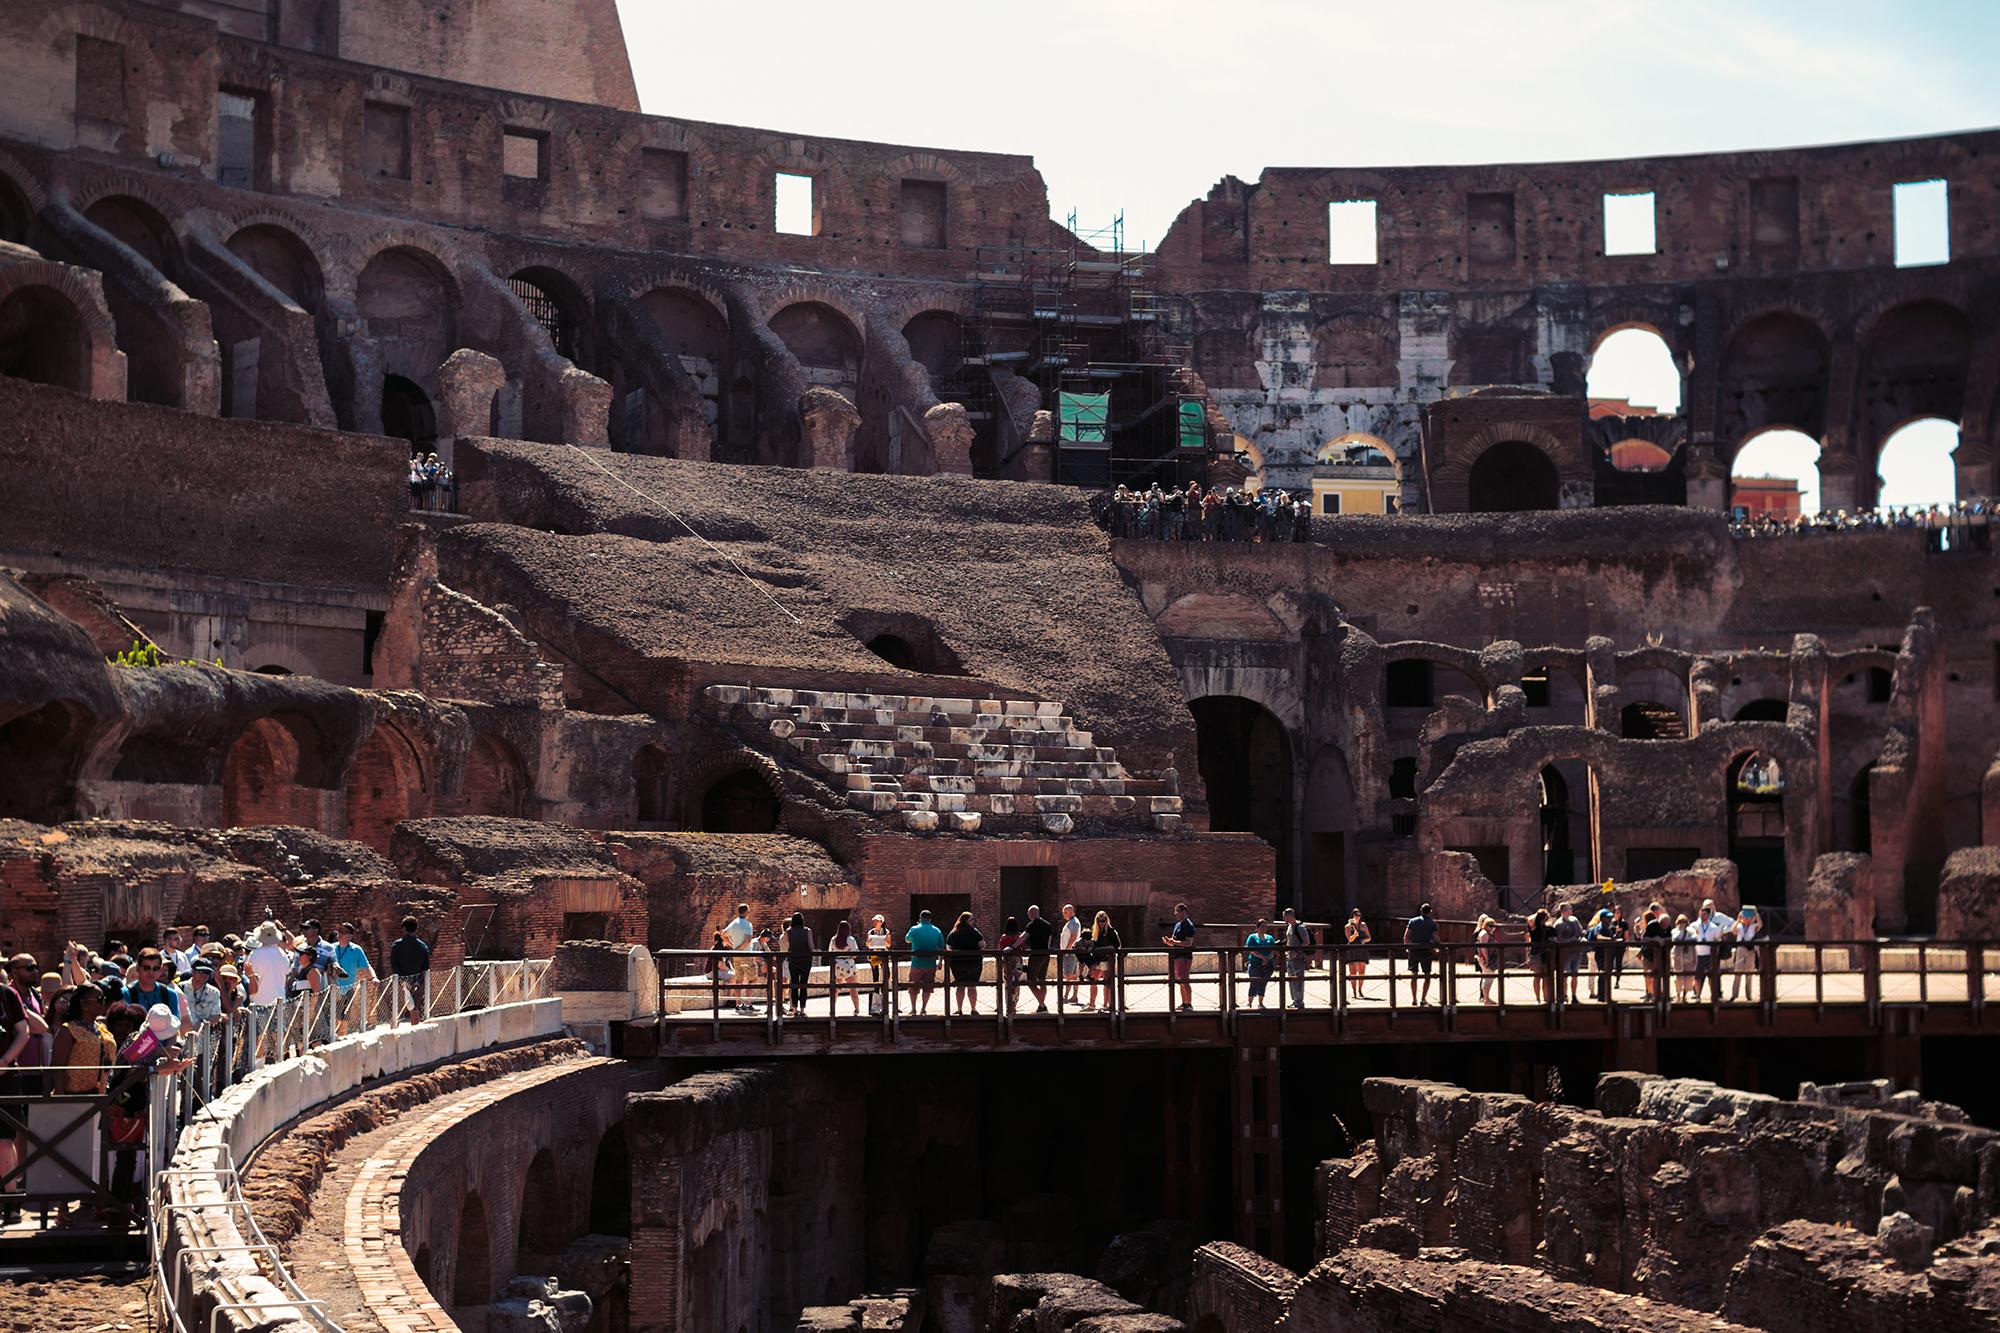 Kolosseum rom eintrittskarten online dating